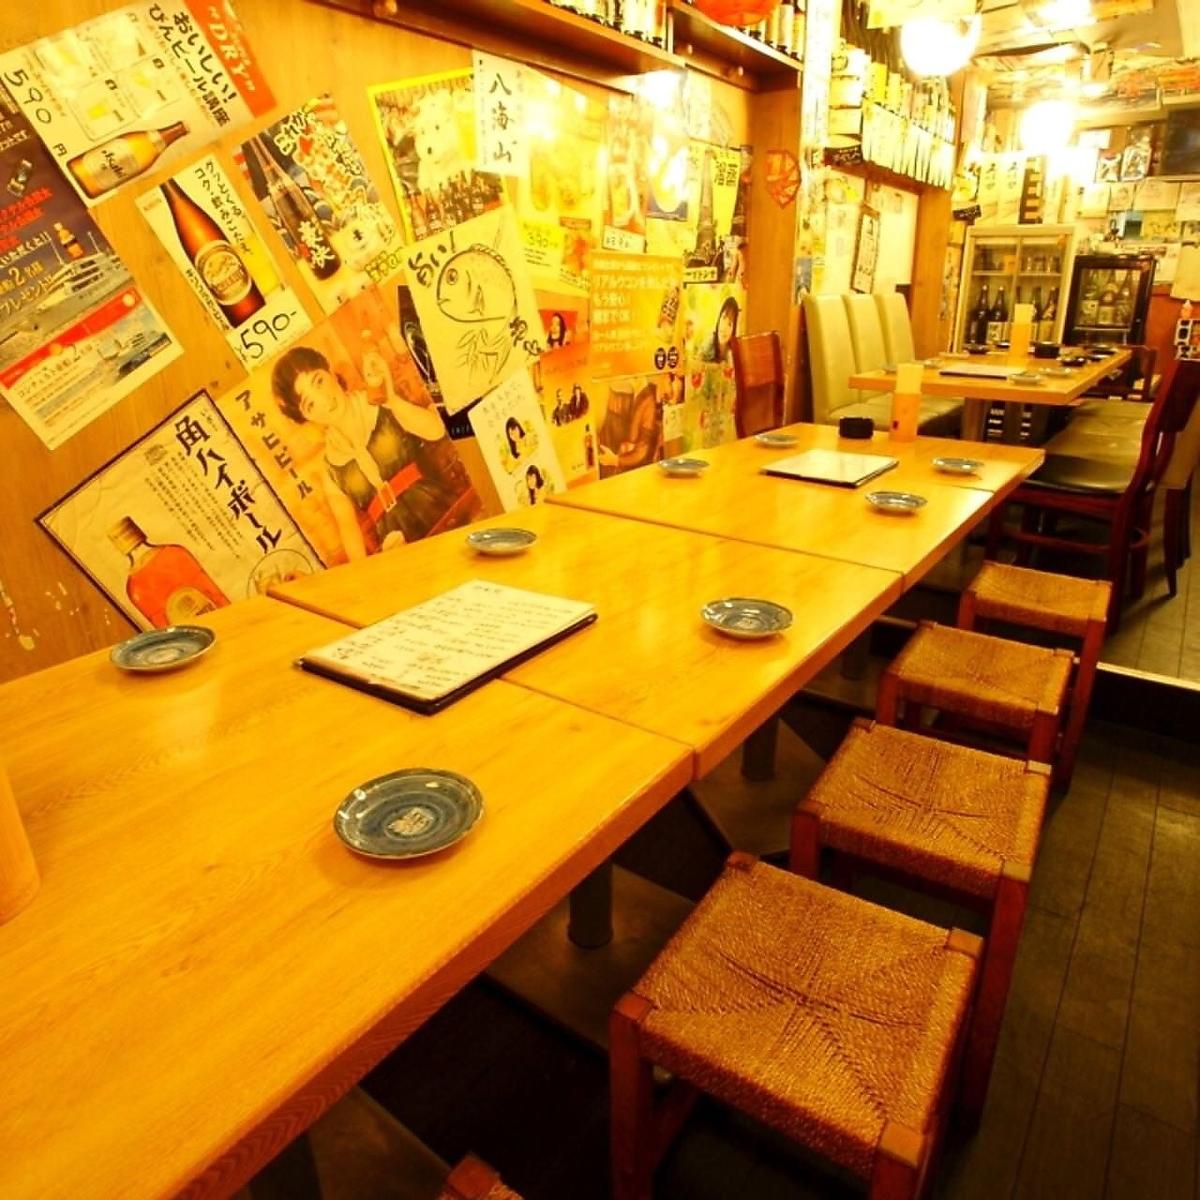 内部隐藏的私人房间似乎是商店里的所有桌子座位,在它后面☆